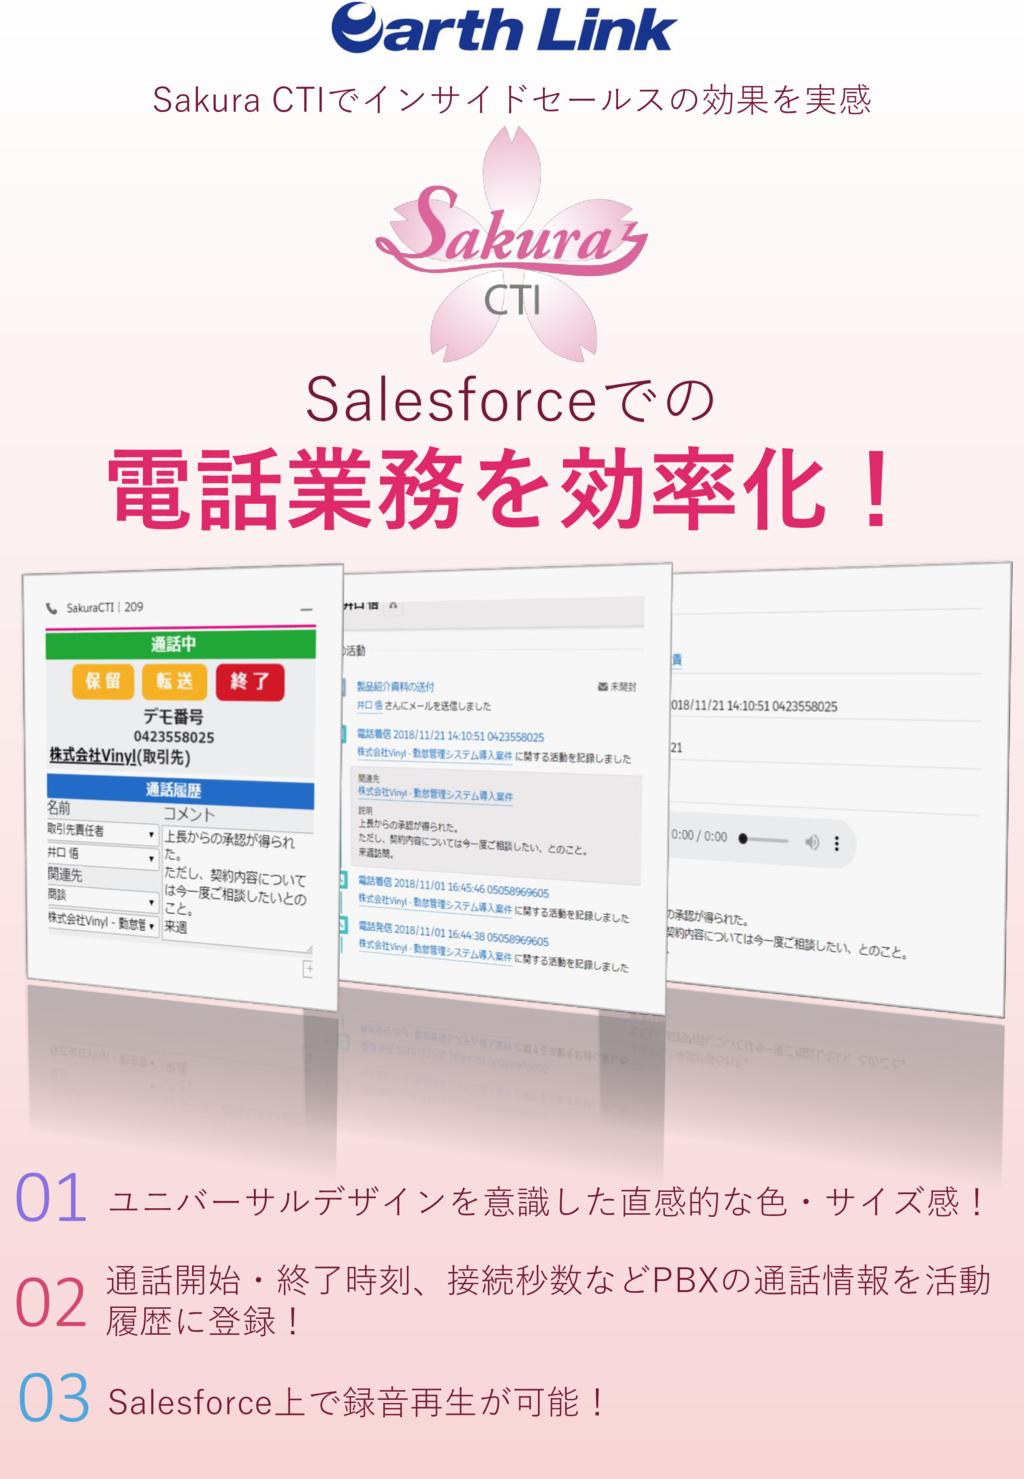 Sakura CTIの資料